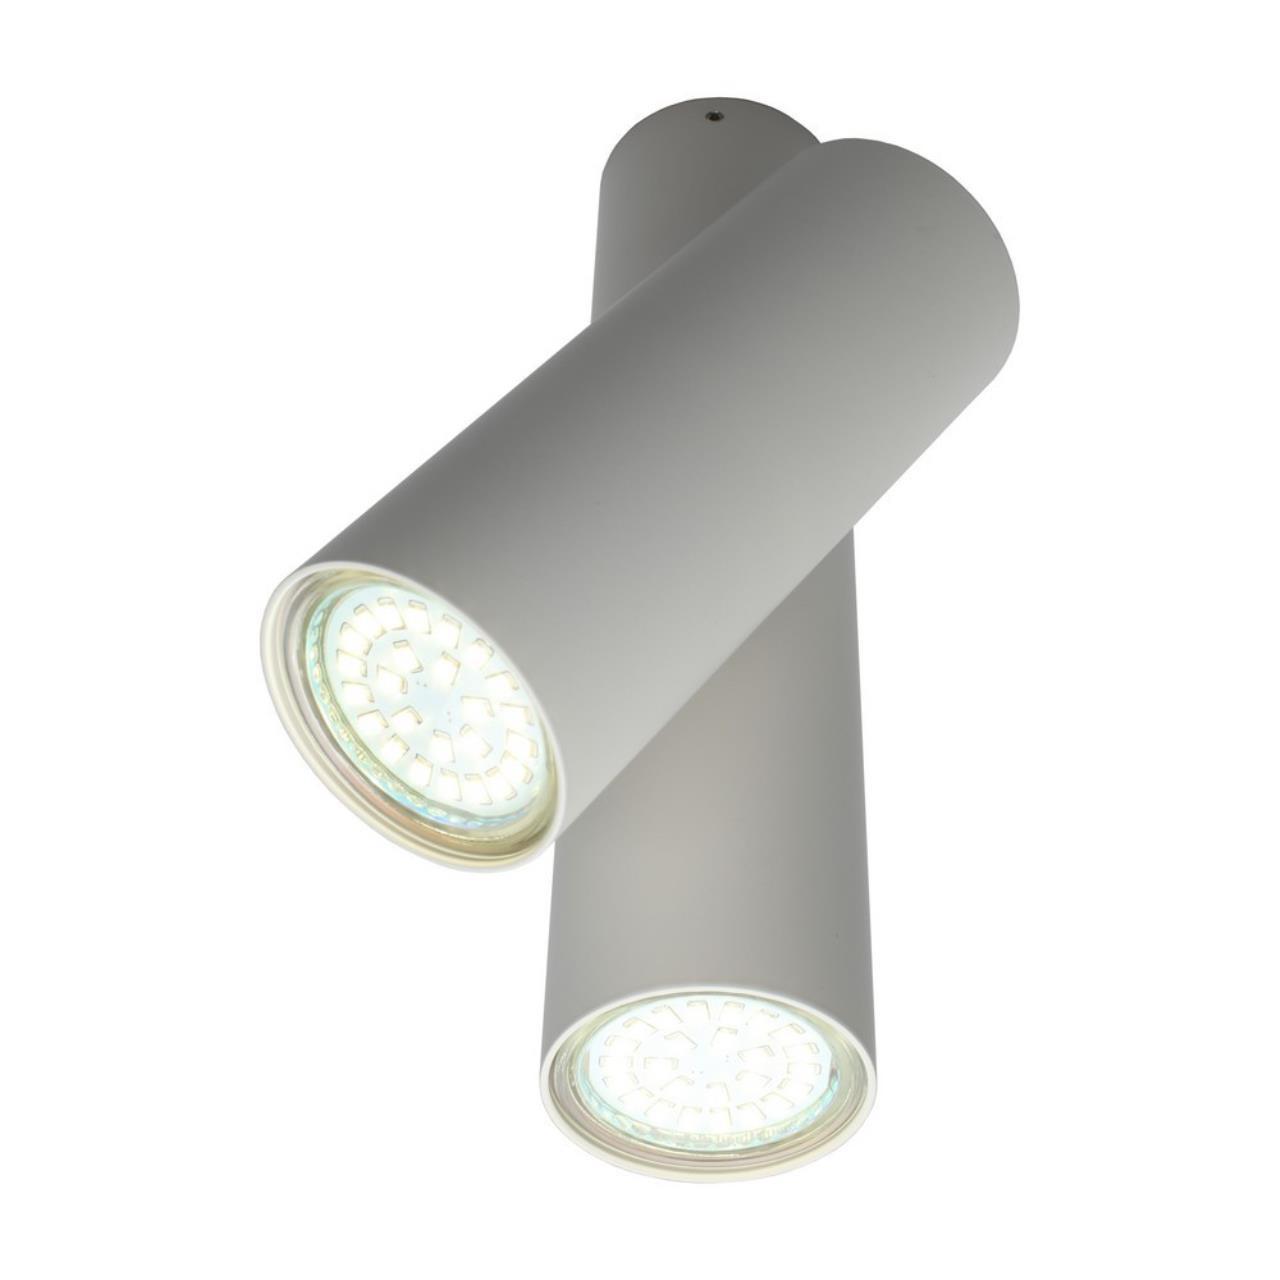 Настенно-потолочный светильник Aployt APL.006.02.02